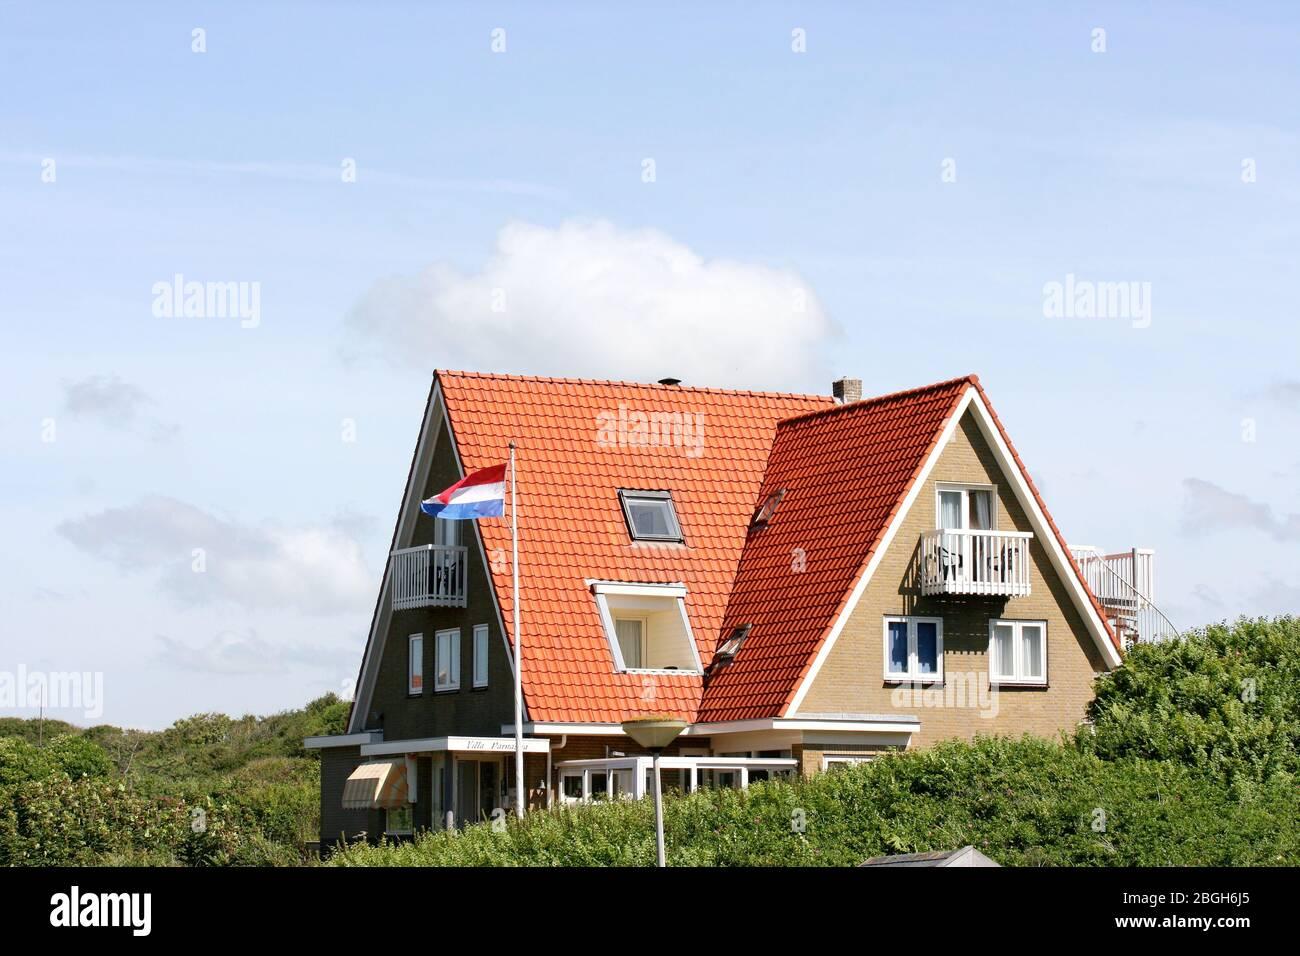 CopyA cottage in the North Sea dunes of the Netherlands Ein Ferienhaus in den Nordseedünen der Niederlande Stock Photo